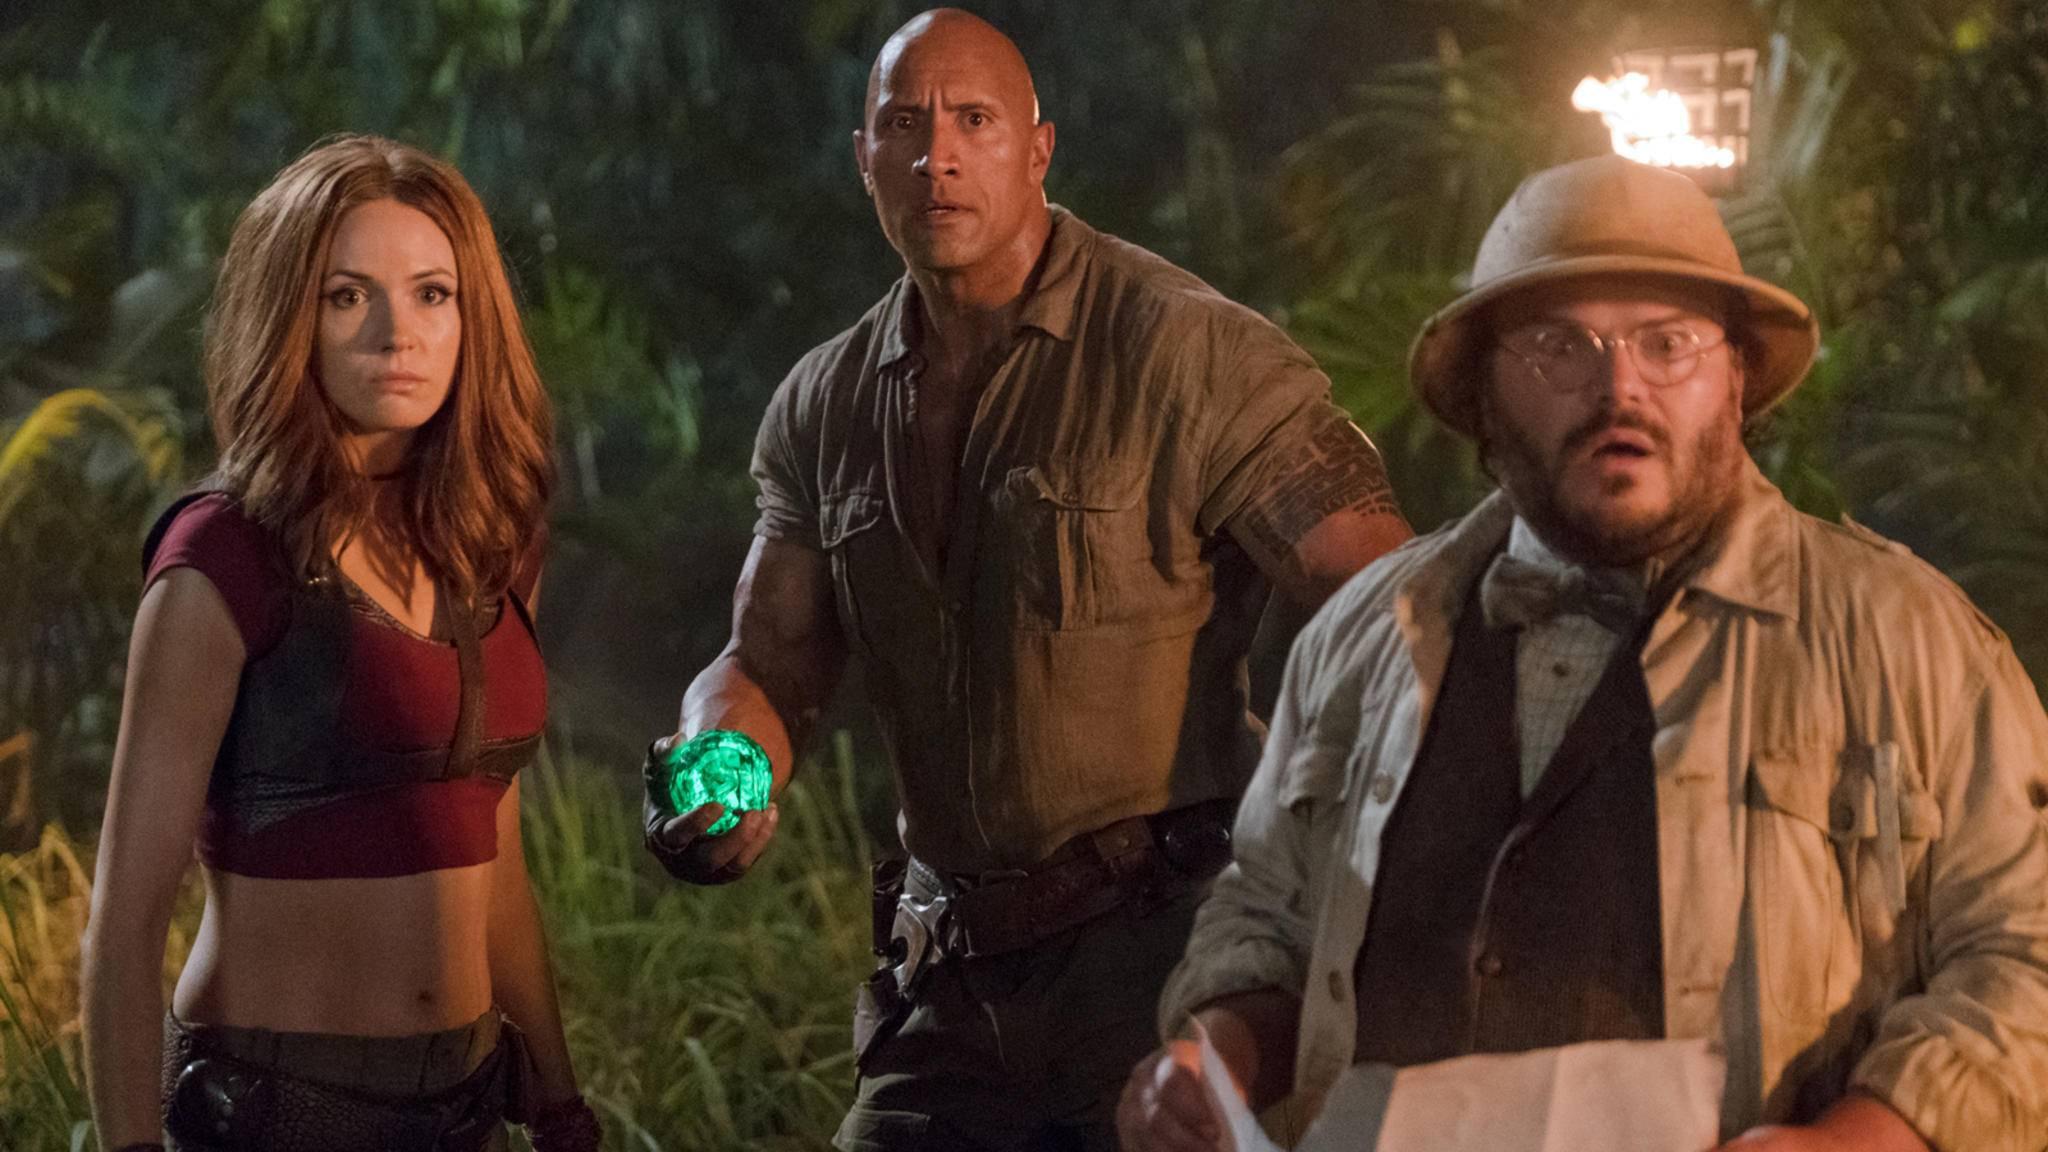 """Die Charaktere von Dwayne Johnson und Co. müssen in """"Jumanji 2"""" einige haarsträubende Abenteuer bestehen."""